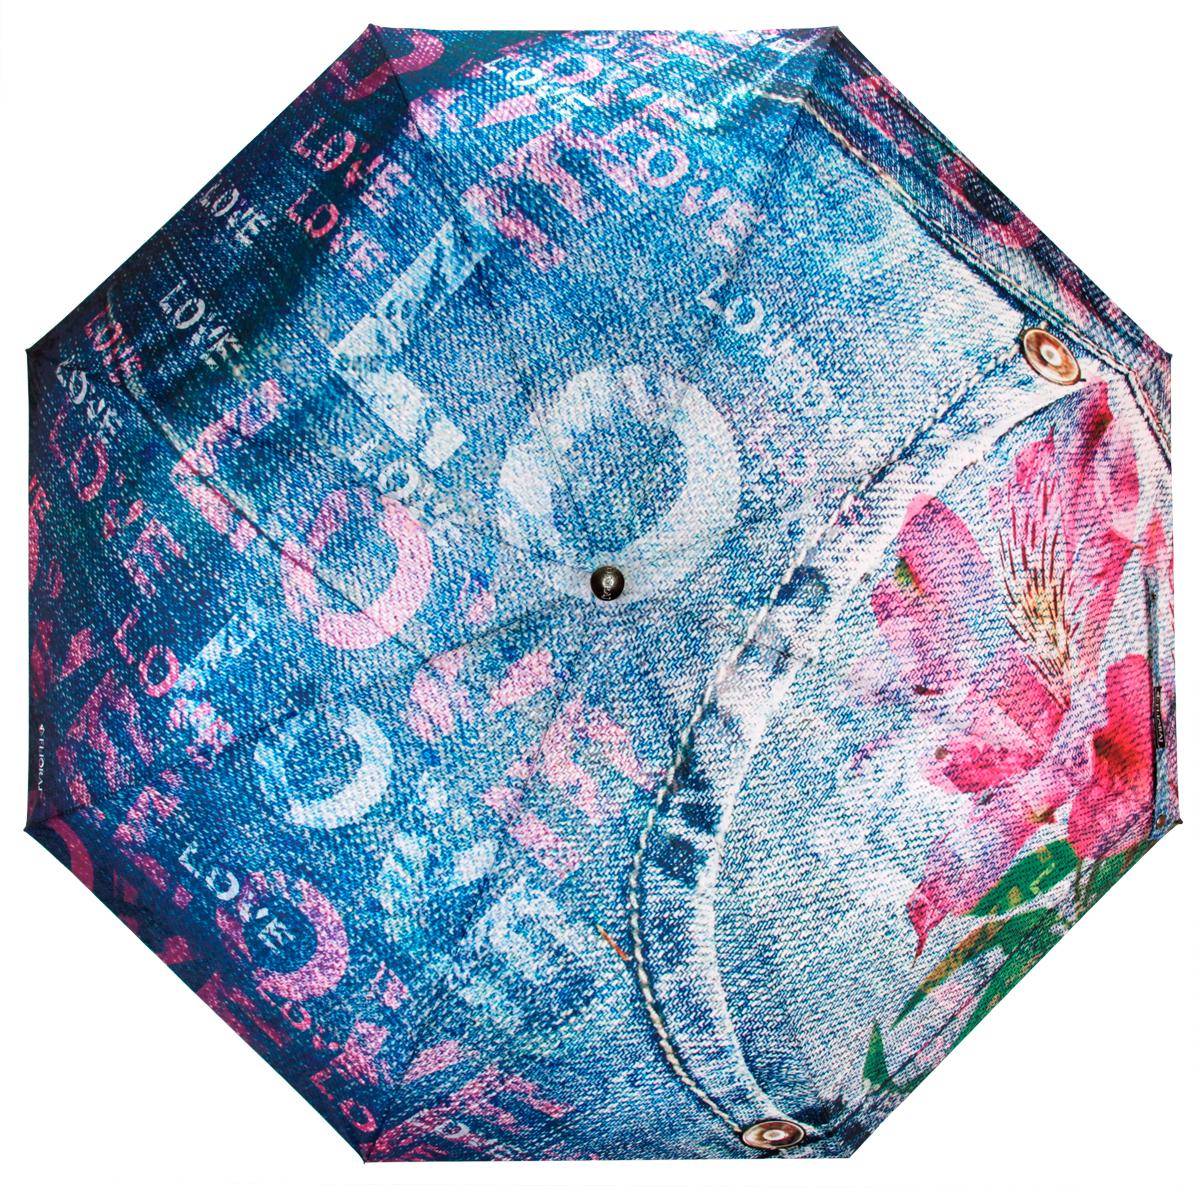 Зонт женский Flioraj Розовый цветок, автомат, 3 сложения, розовый, синий. 014-43 FJ014-43 FJСтильный автоматический зонт Flioraj Розовый цветок в 3 сложения даже в ненастную погоду позволит вам оставаться стильной и элегантной. Каркас зонта из анодированной стали состоит из восьми карбоновых спиц, оснащен удобной прорезиненной рукояткой. Карбоновые спицы помогут выдержать натиск ураганного ветра. Зонт снабжен системой антиветер. Зонт имеет полный автоматический механизм сложения: купол открывается и закрывается нажатием кнопки на рукоятке, стержень складывается вручную до характерного щелчка, благодаря чему открыть и закрыть зонт можно одной рукой, что чрезвычайно удобно при входе в транспорт или помещение. Купол зонта выполнен из прочного полиэстера и оформлен оригинальным изображением цветка на фоне джинсовой ткани. Закрытый купол фиксируется хлястиком на кнопке. На рукоятке для удобства есть небольшая эластичная петля, позволяющая надеть зонт на руку тогда, когда это будет необходимо. К зонту прилагается чехол.